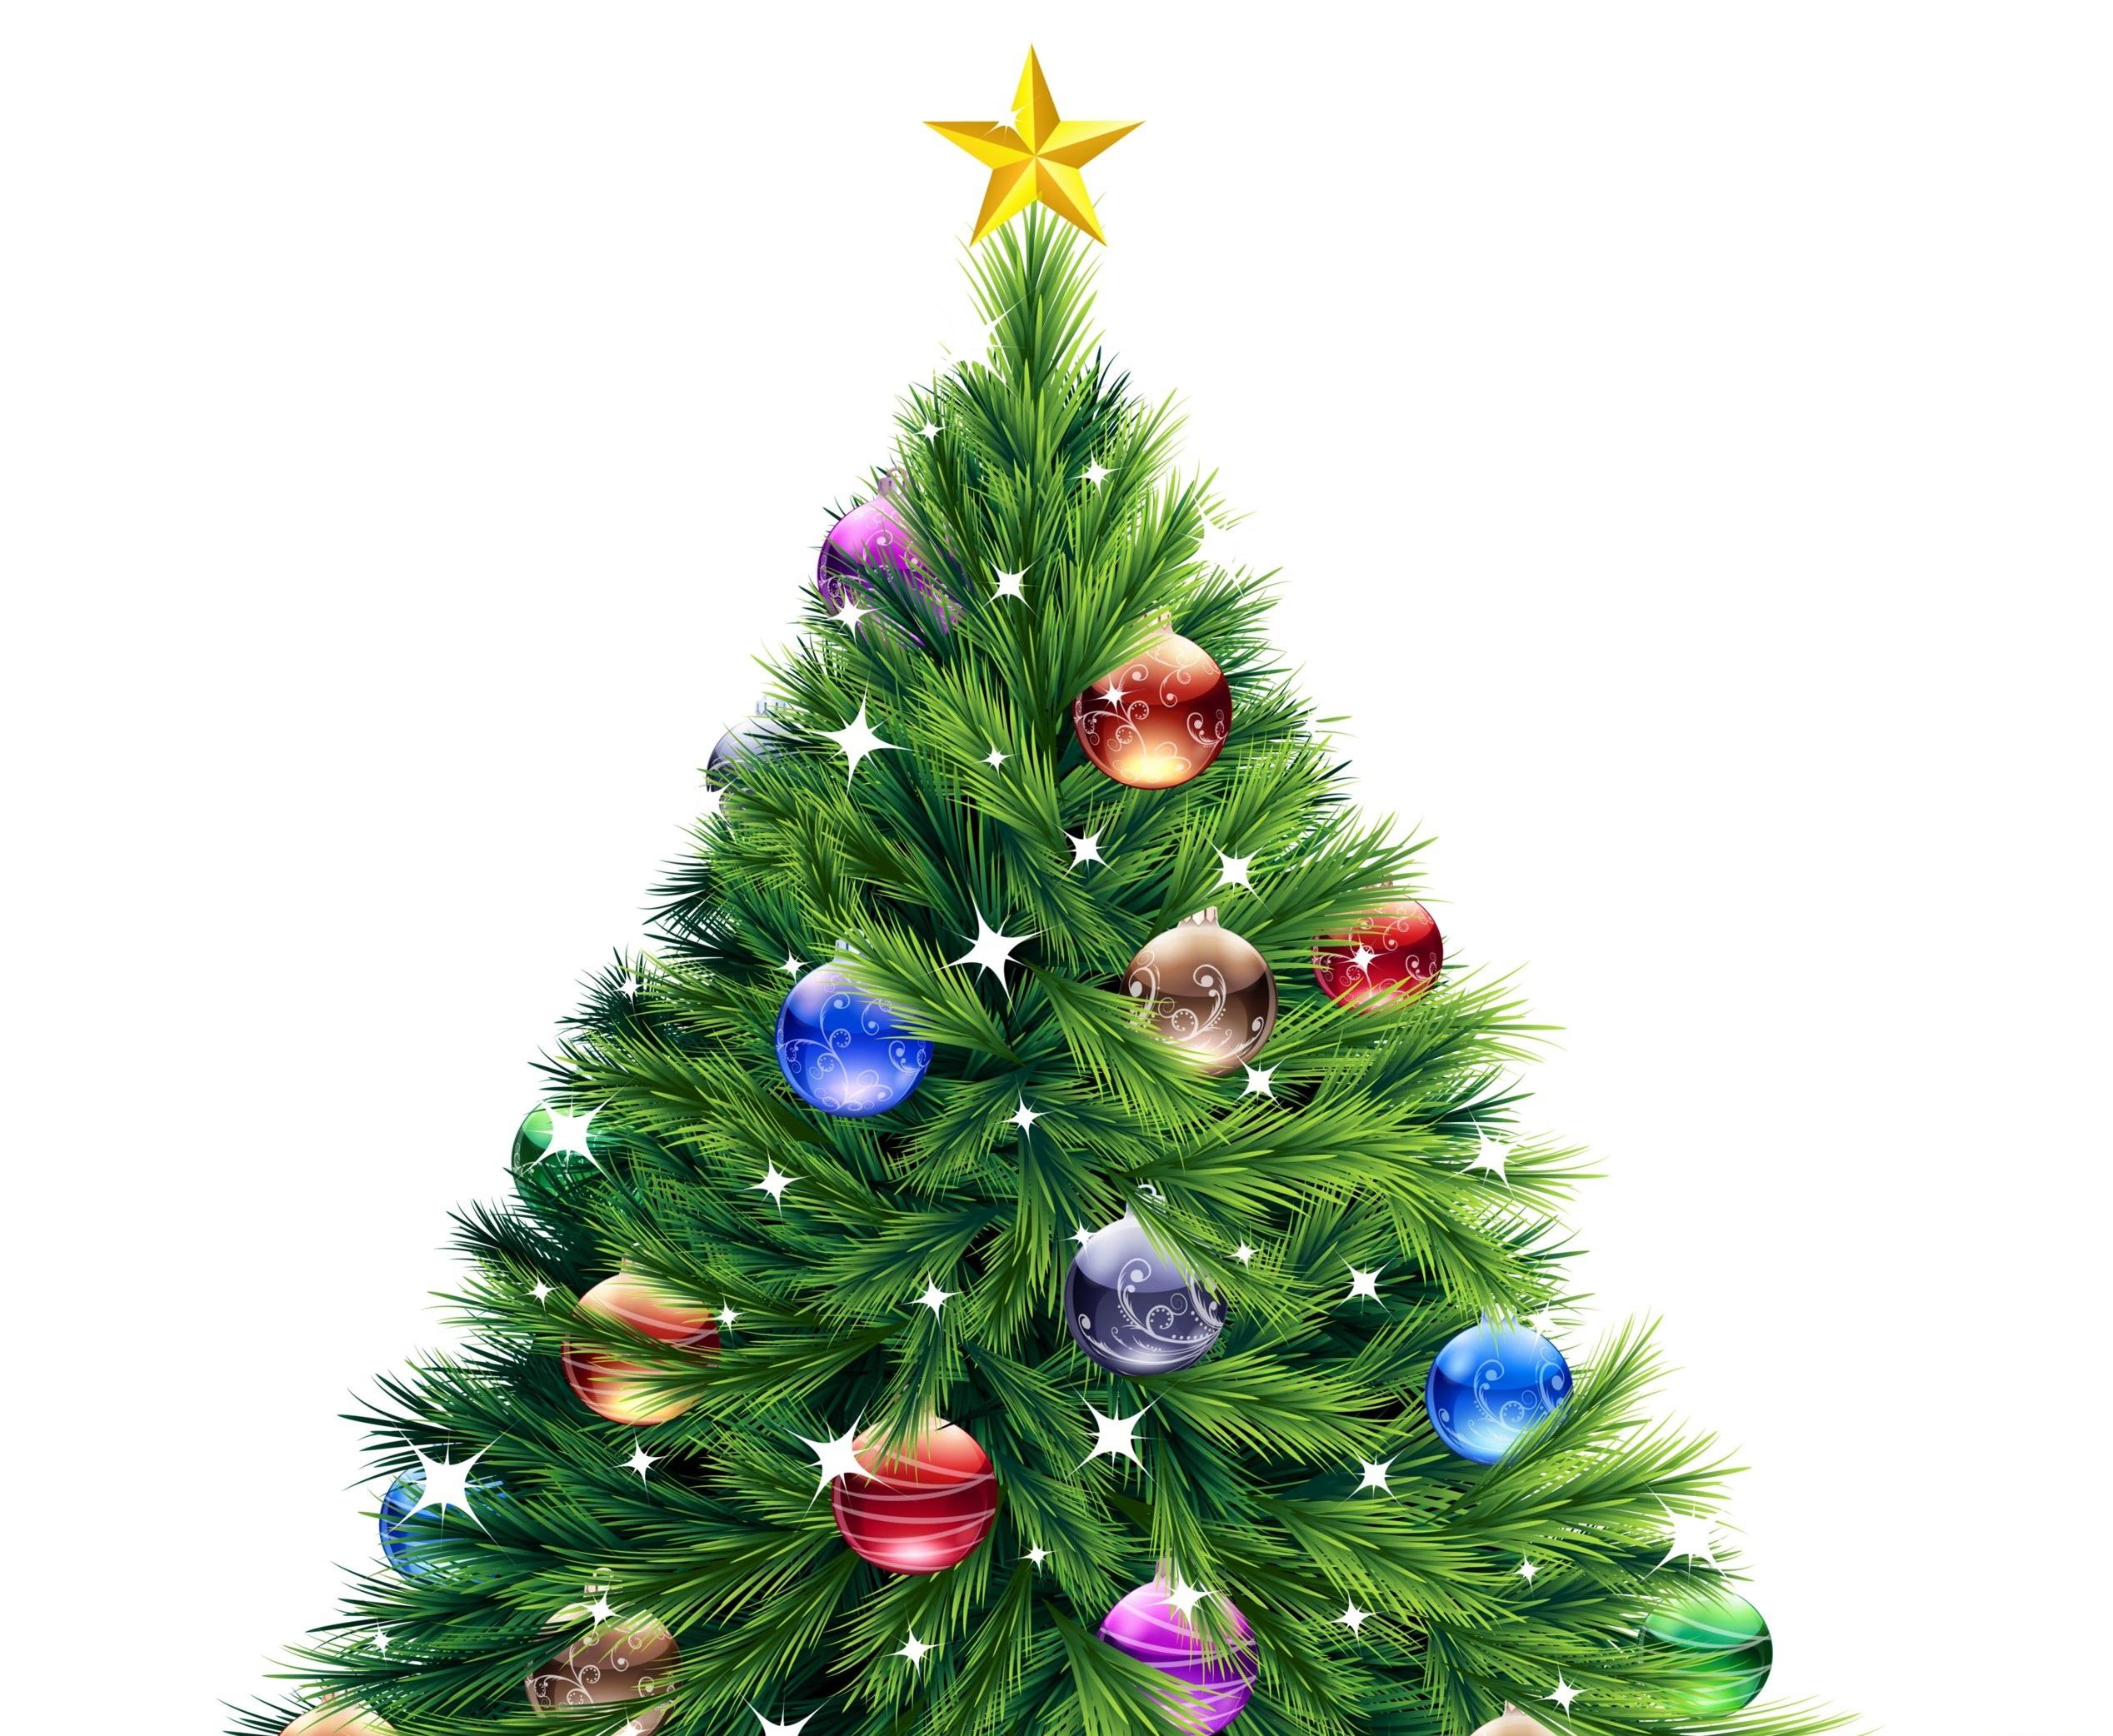 картинки новогодней елочки с шарами покупателей